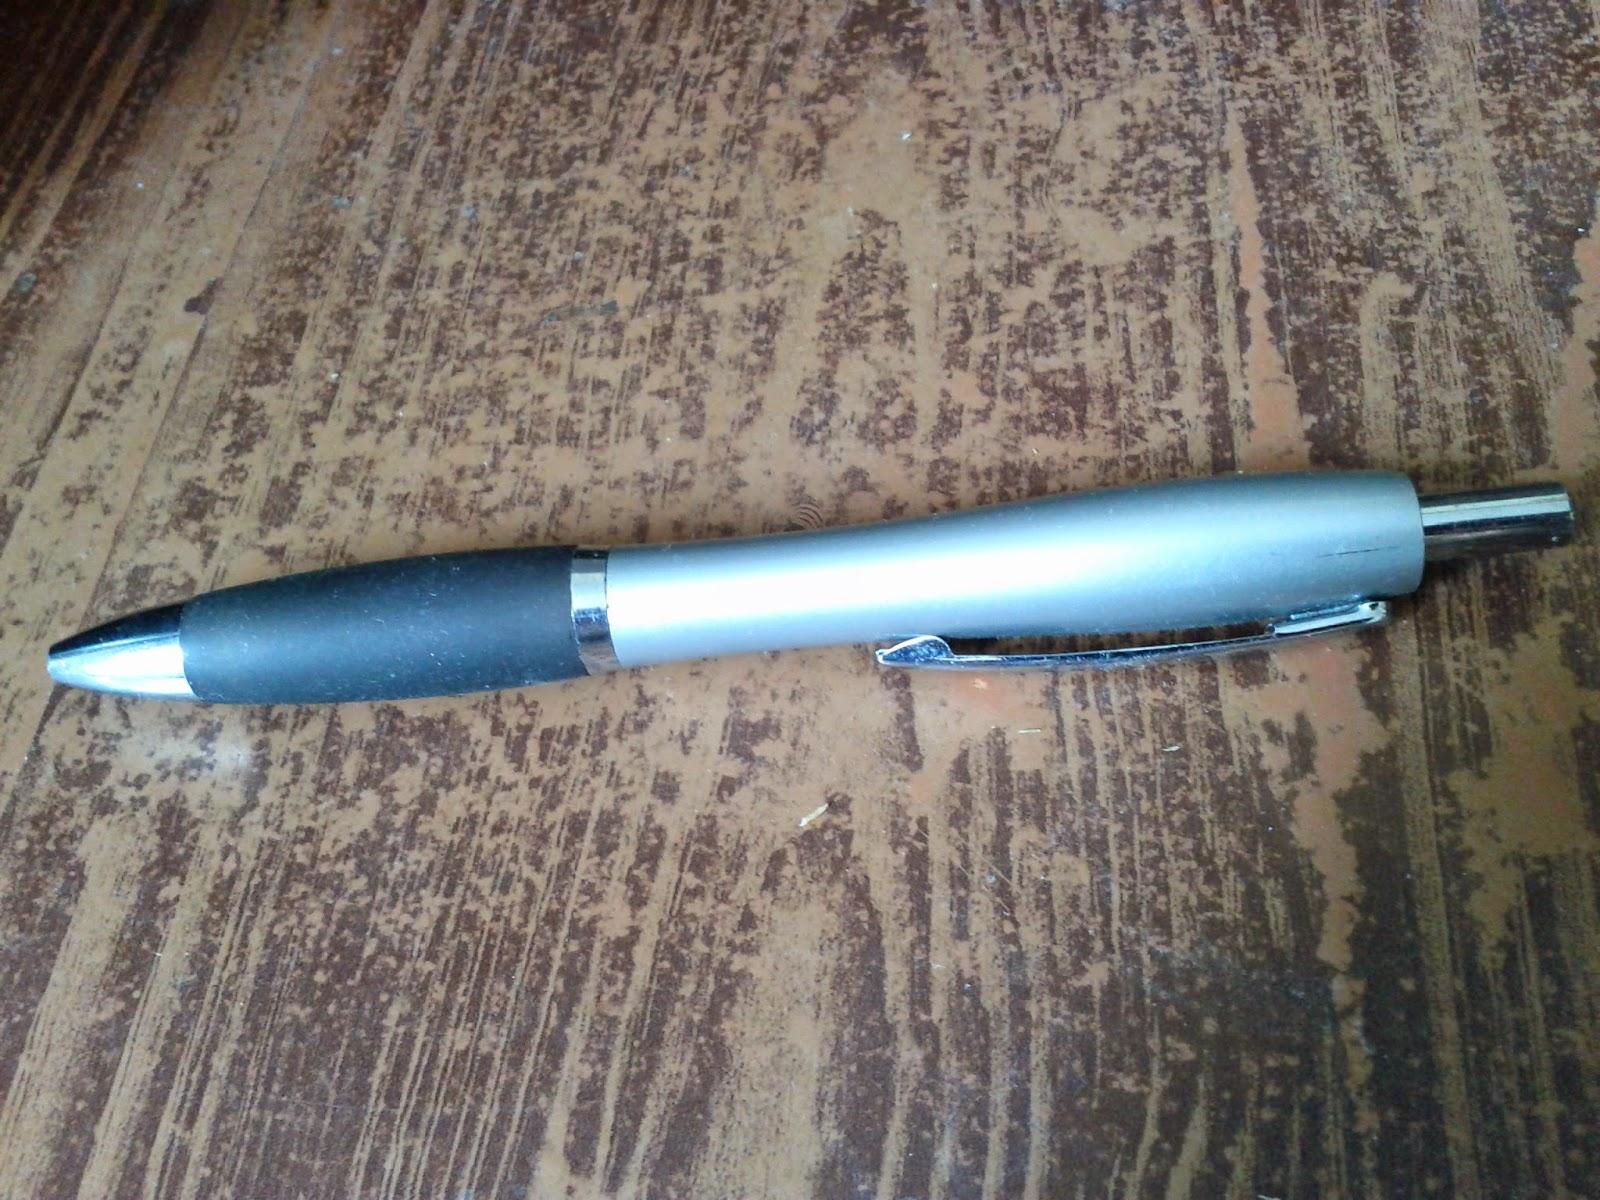 Pen (Silver on a wood desk)